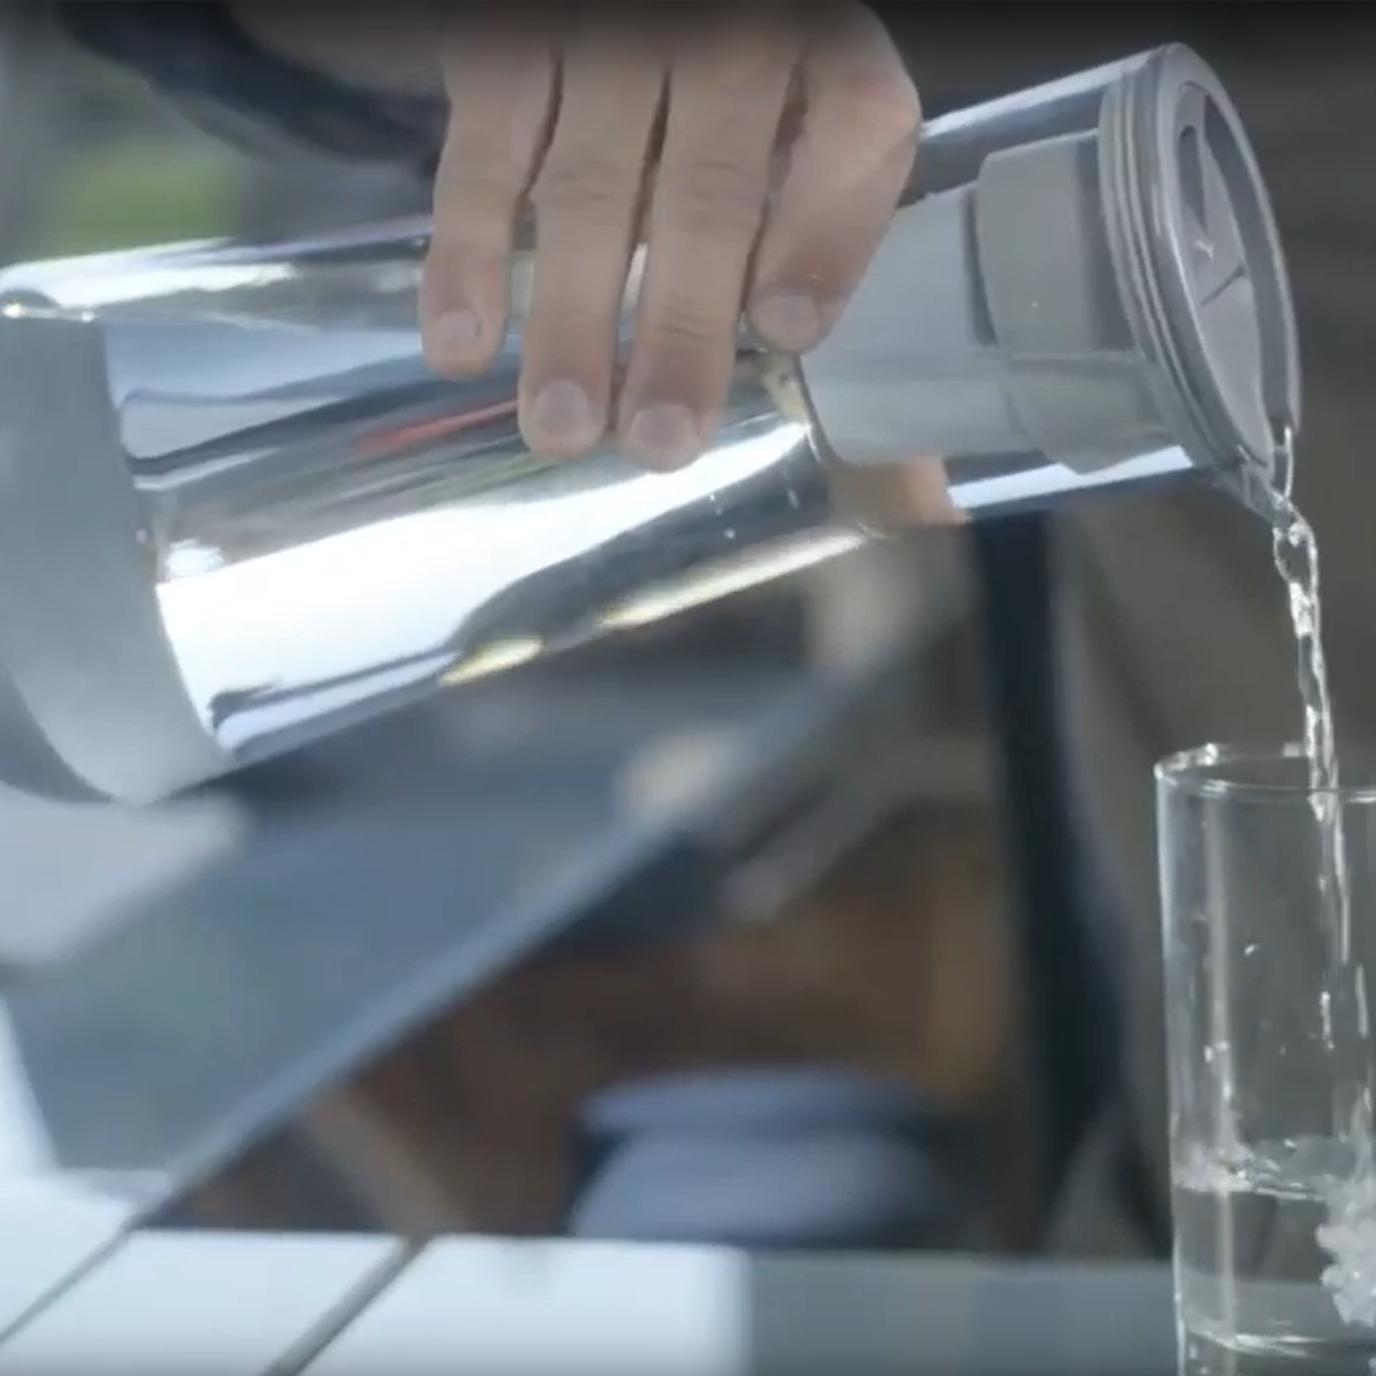 hydros-video-still